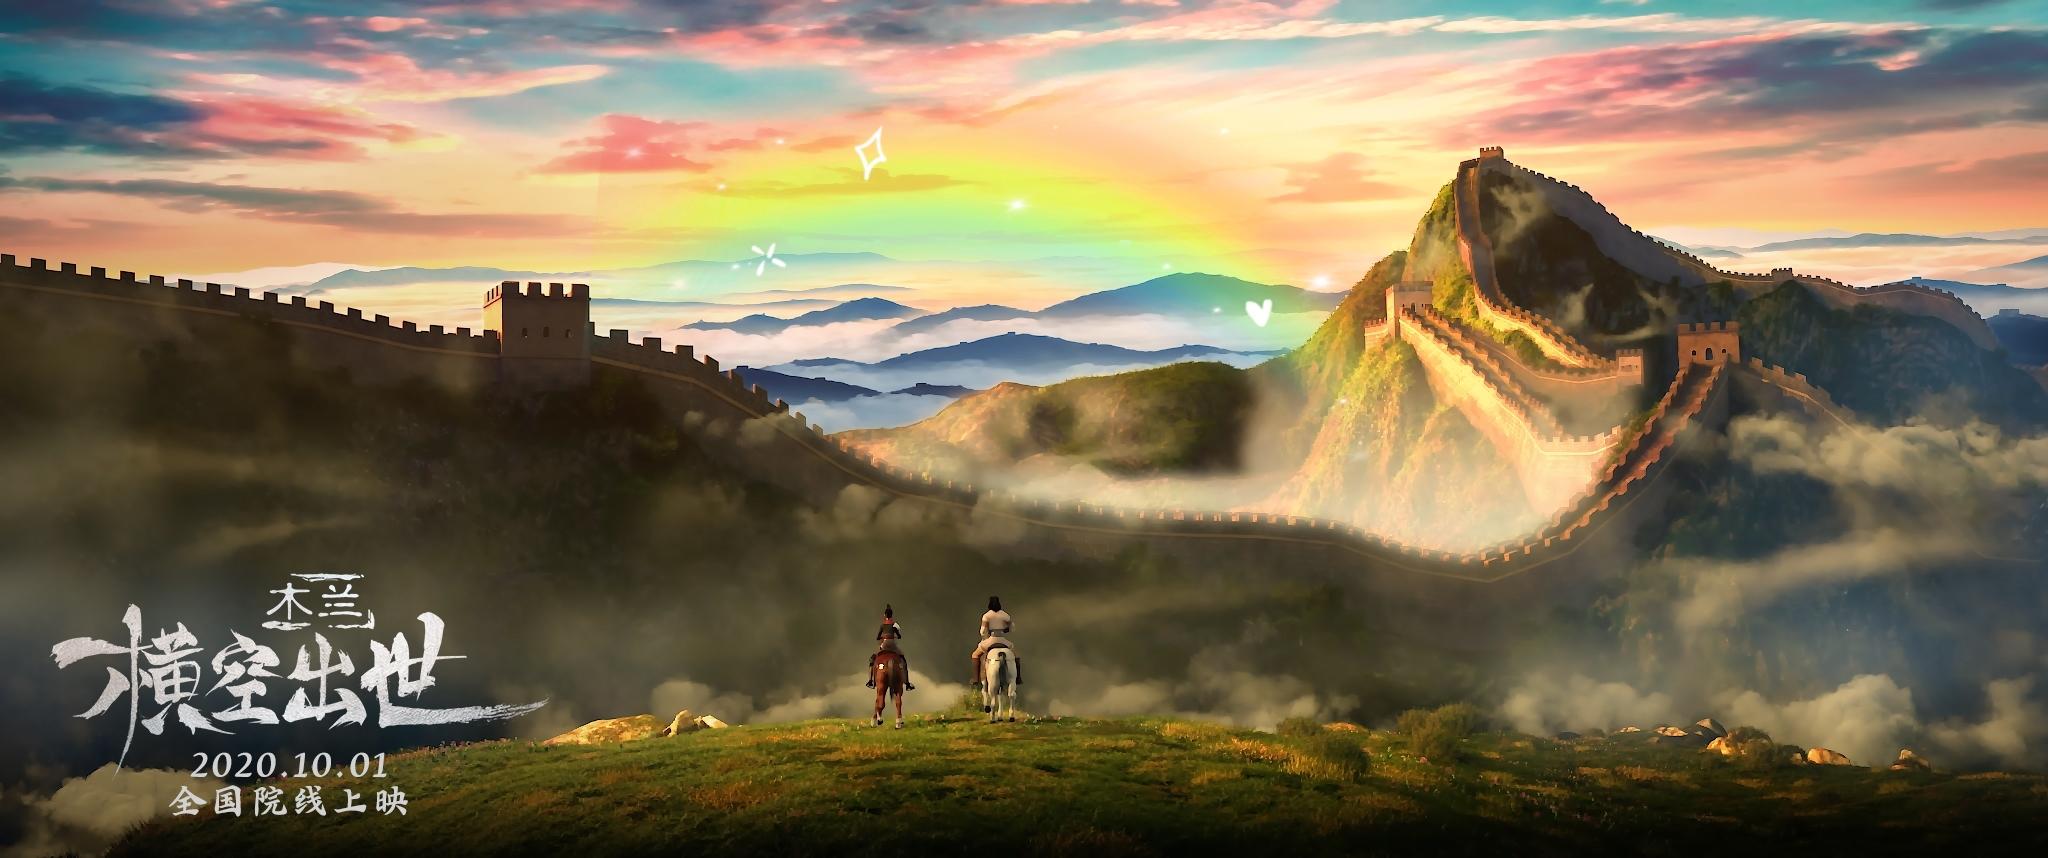 《木兰:横空出世》新海报:木兰跨马饱览长城风光